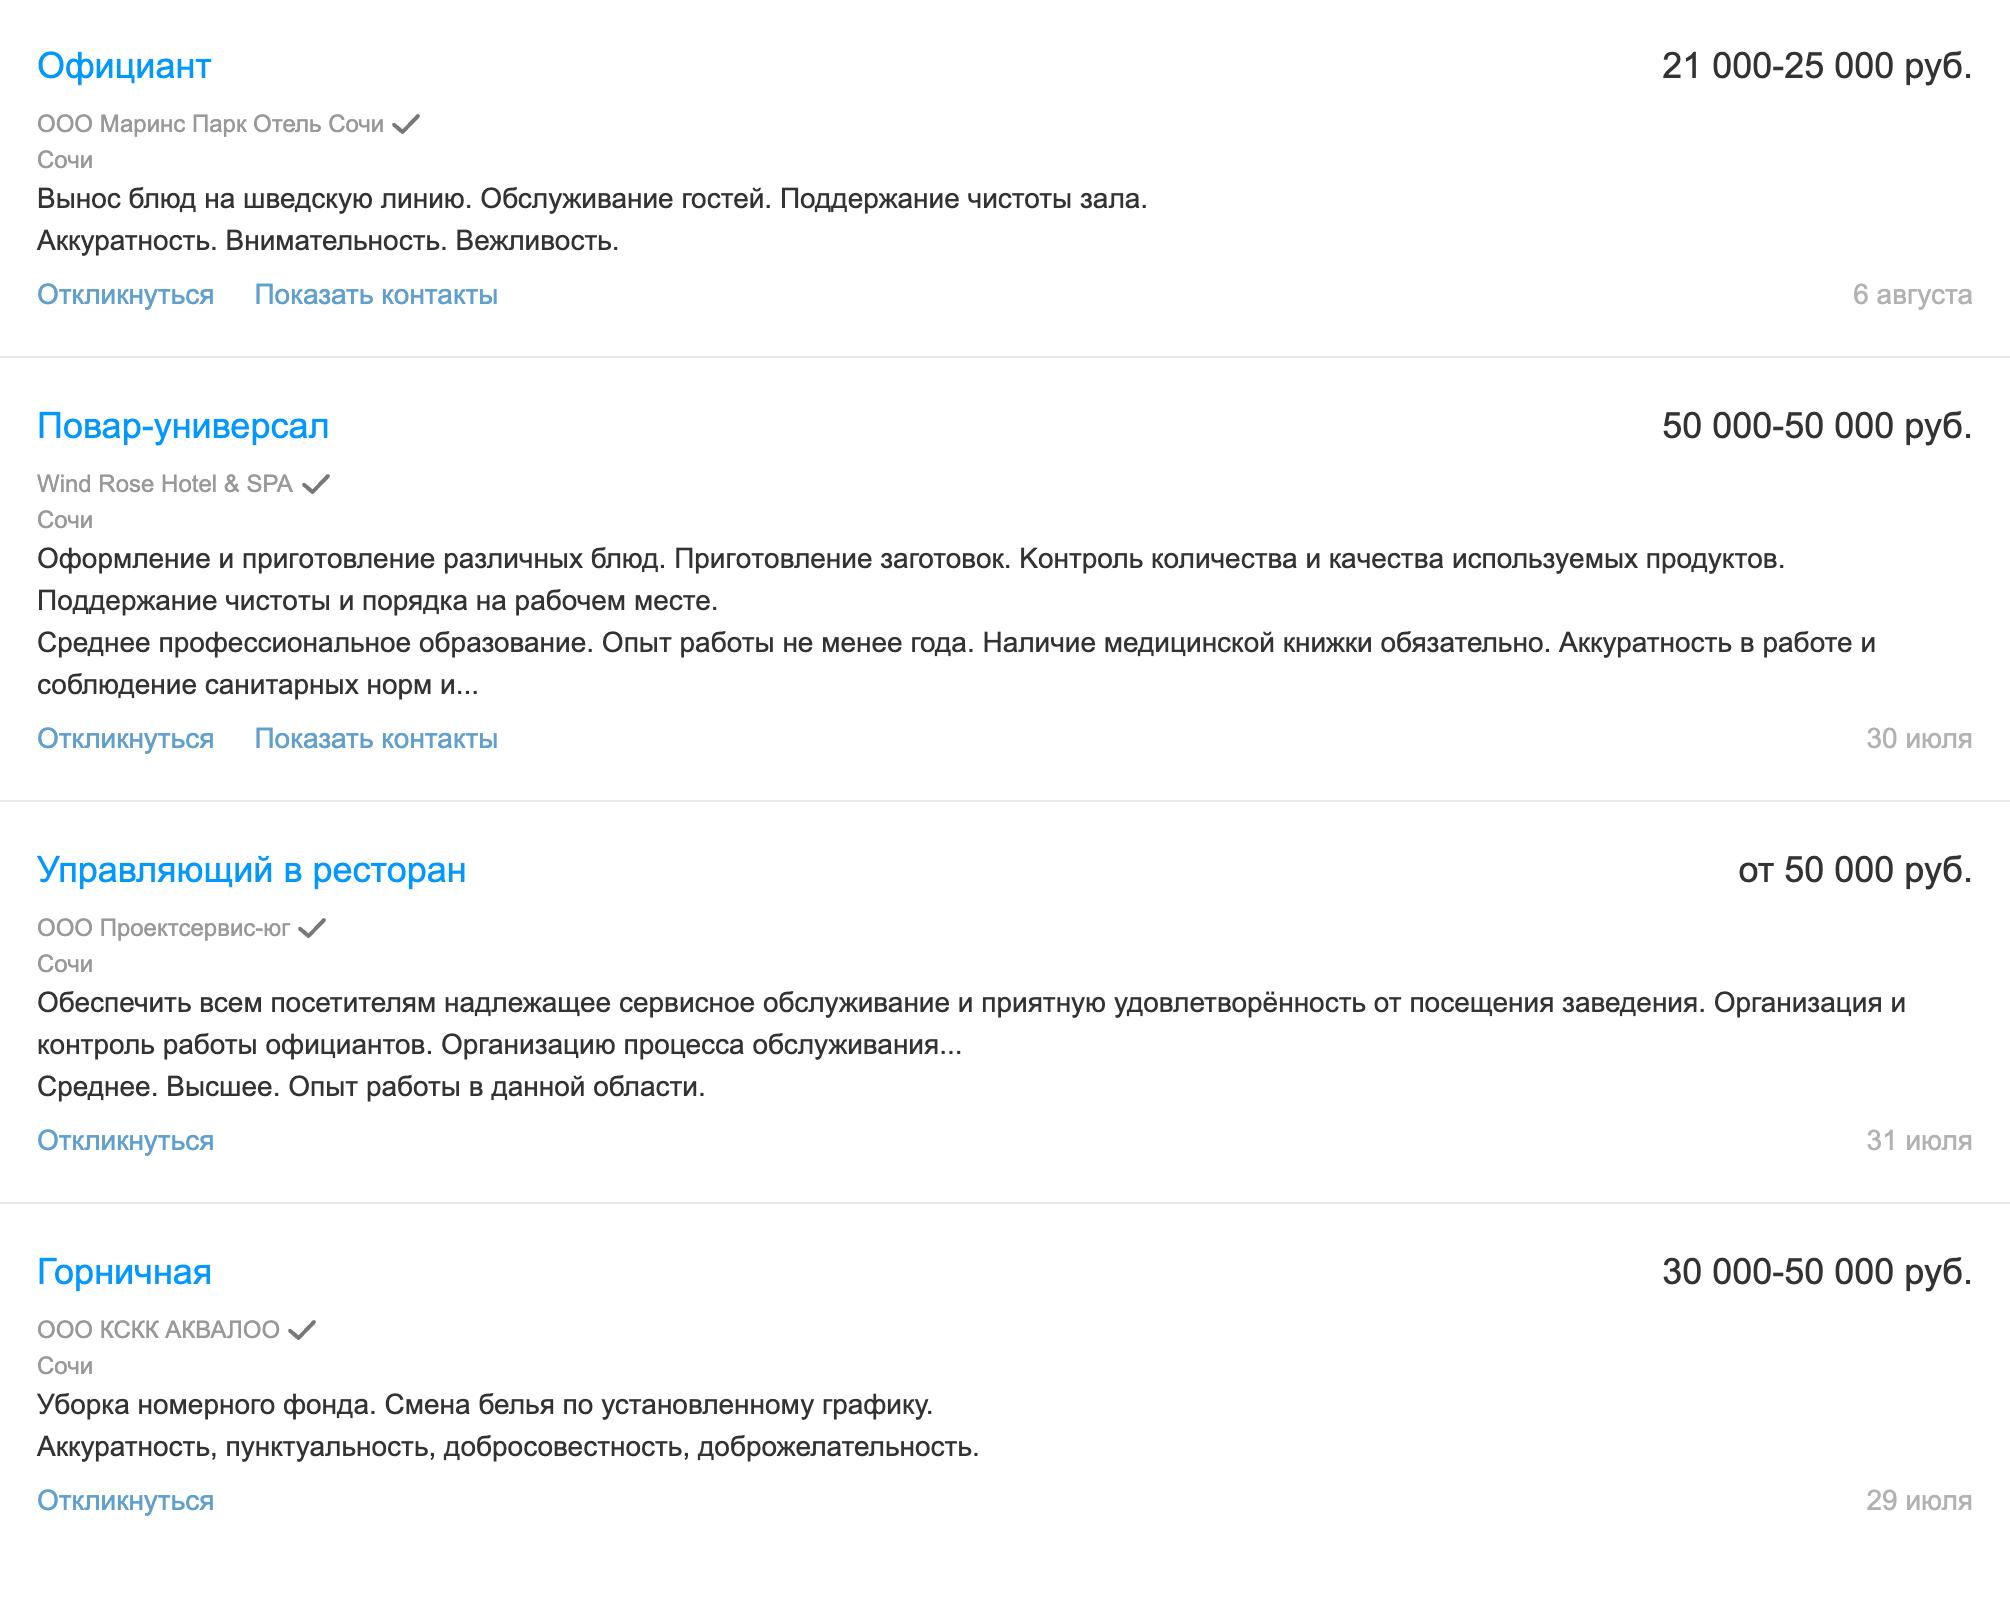 Типичные зарплаты в турбизнесе в 2019&nbsp;году — от 20 000<span class=ruble>Р</span> до 50 000<span class=ruble>Р</span>